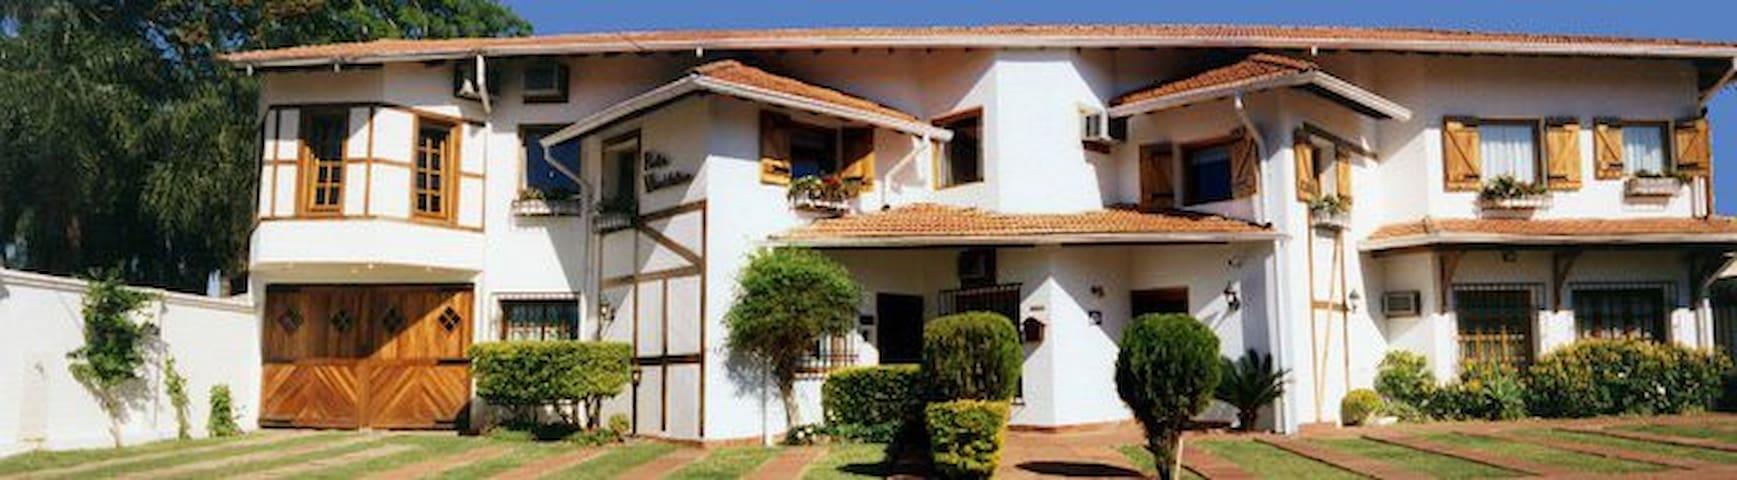 Tu Casa en Asuncion - Asunción